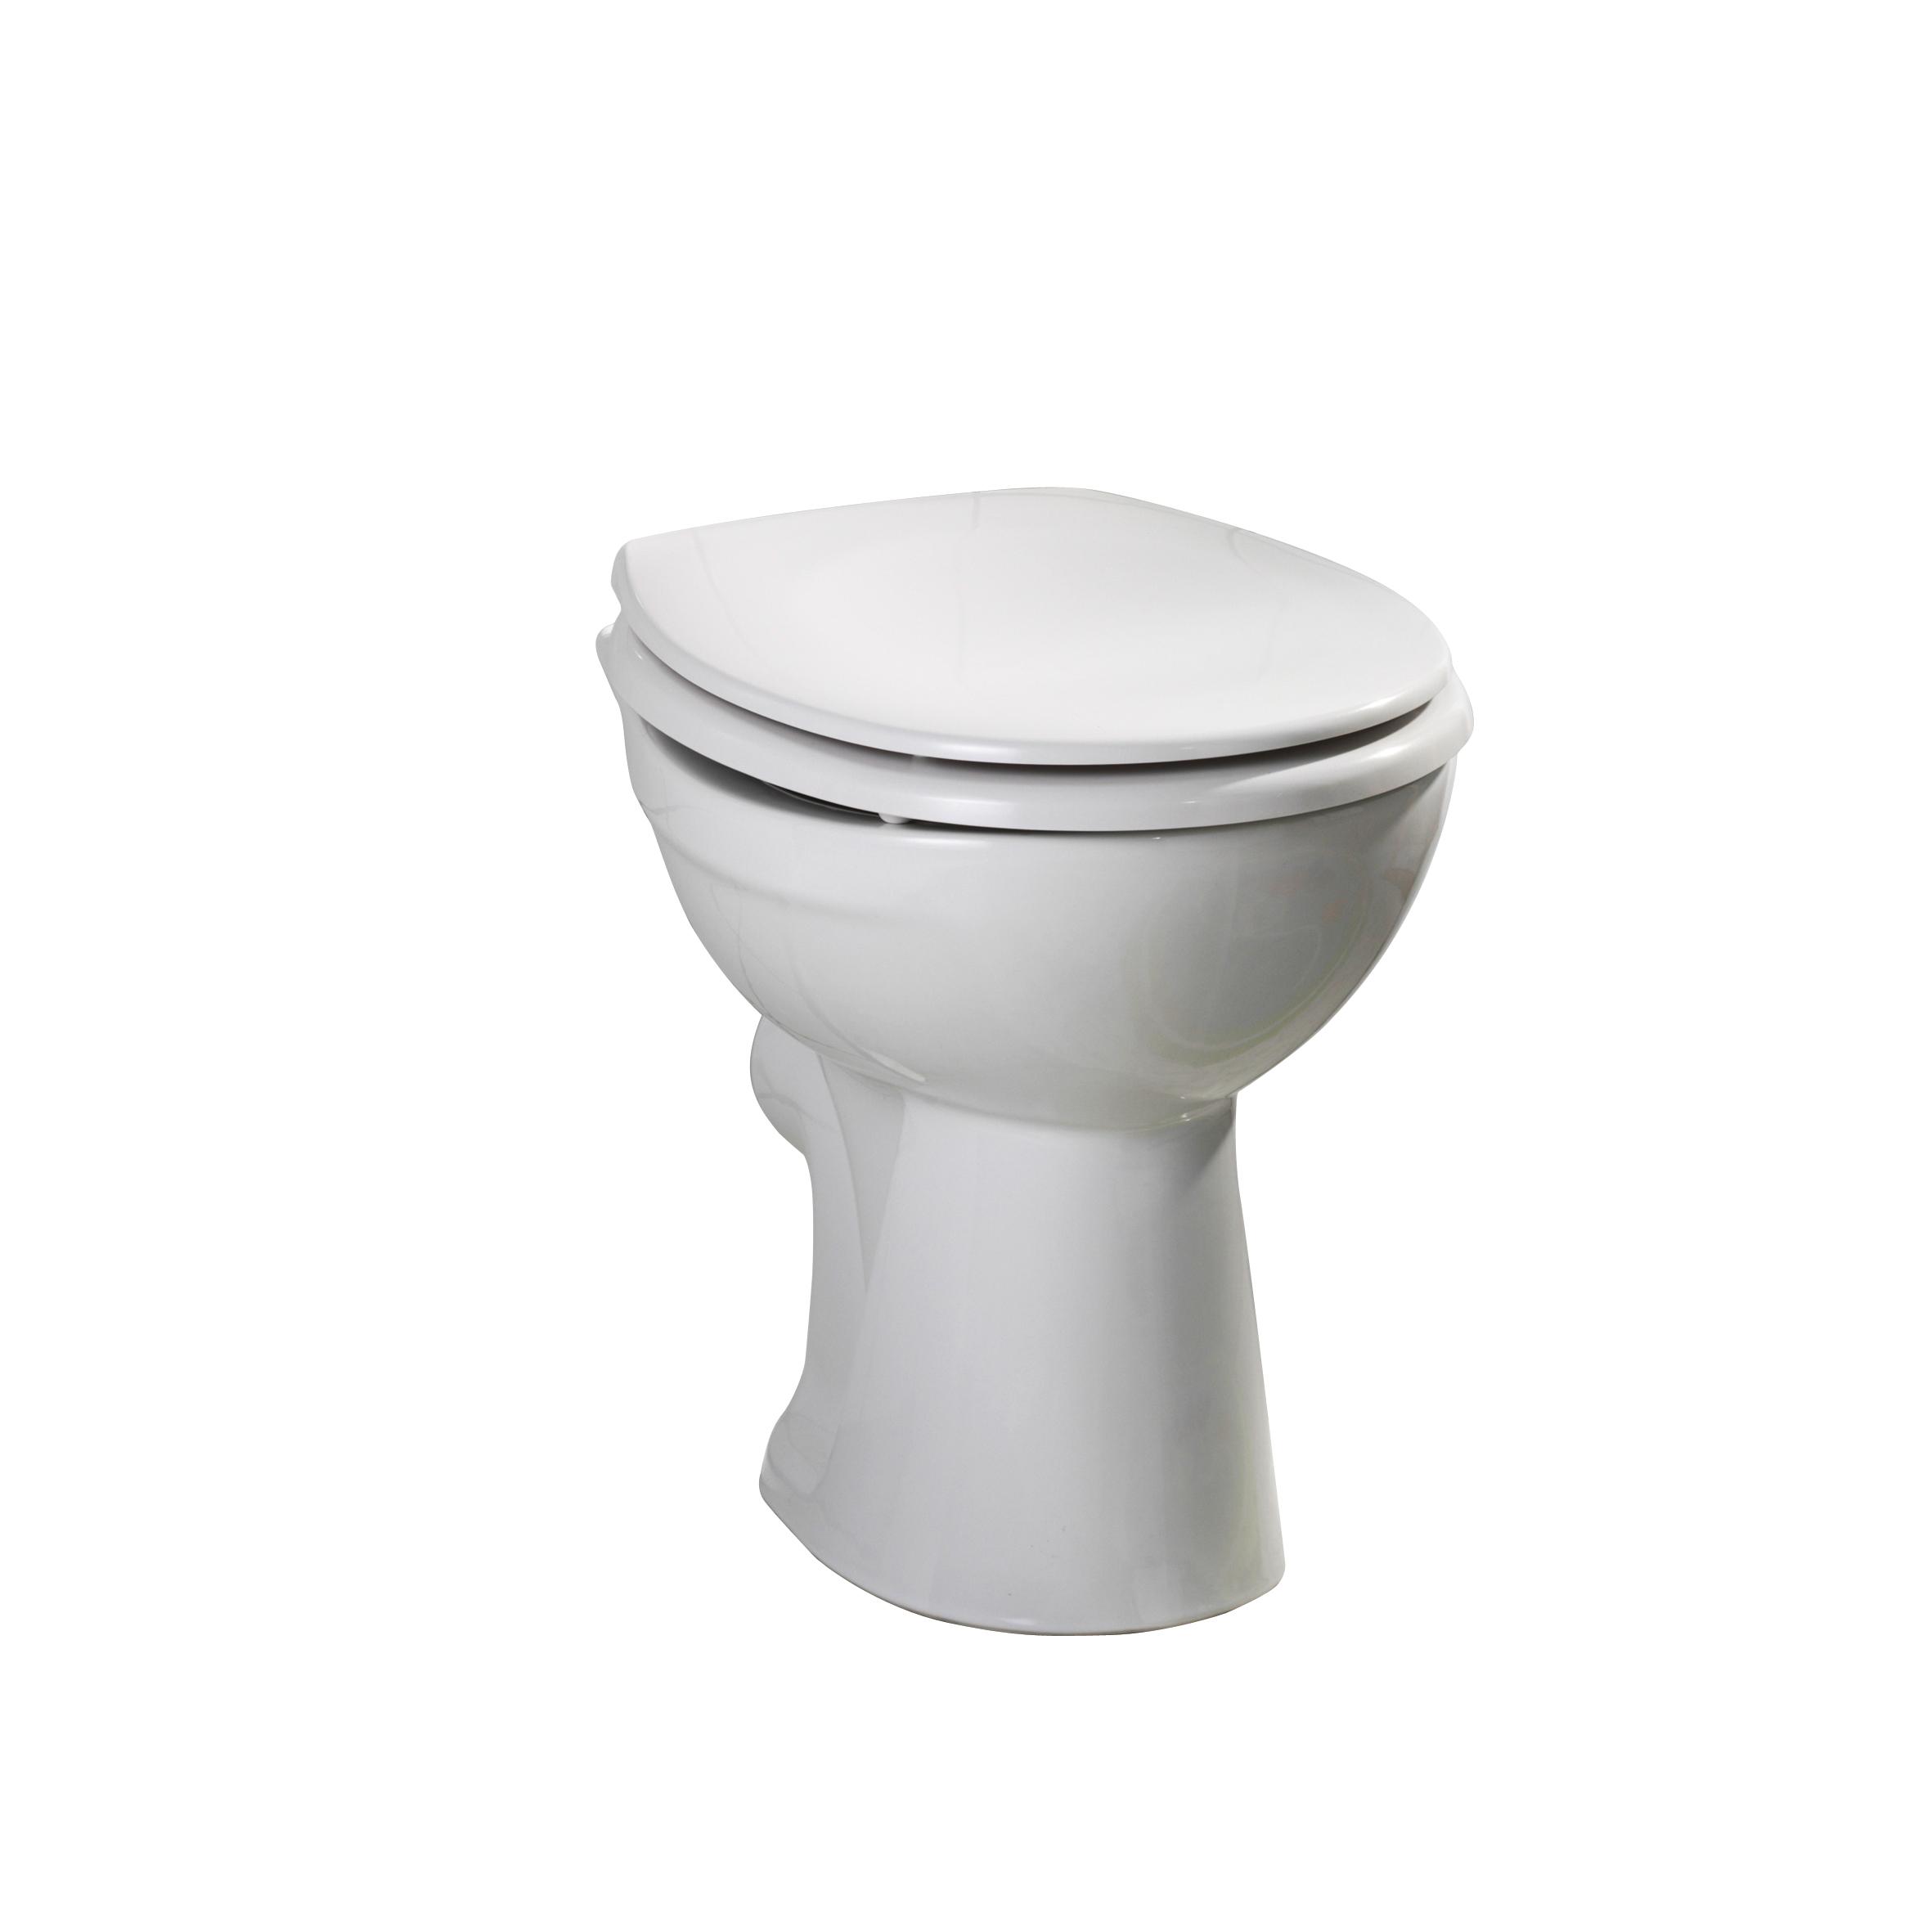 Сиденье для унитаза Axentia, 45 х 37 х 3,5 см сиденье для унитаза стар экспо 45 х 37 см